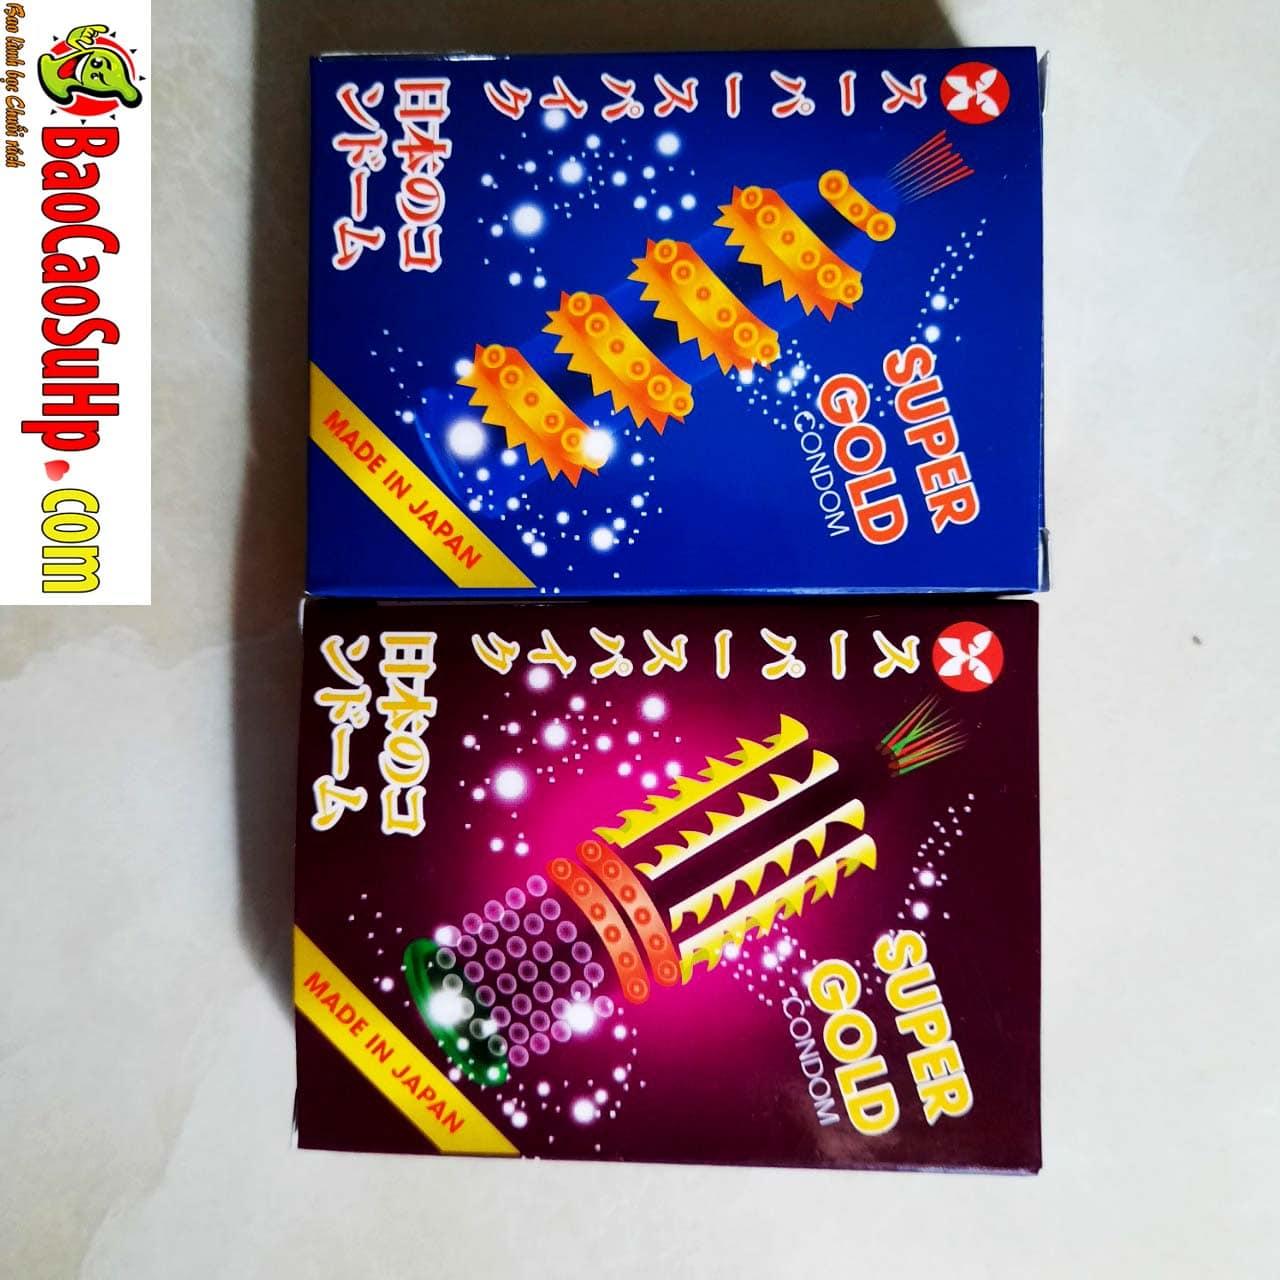 20200514163815 8263998 bao cao su super gold nhat - Búp bê bán thân hàng về một loạt sản phẩm 14.05.2020